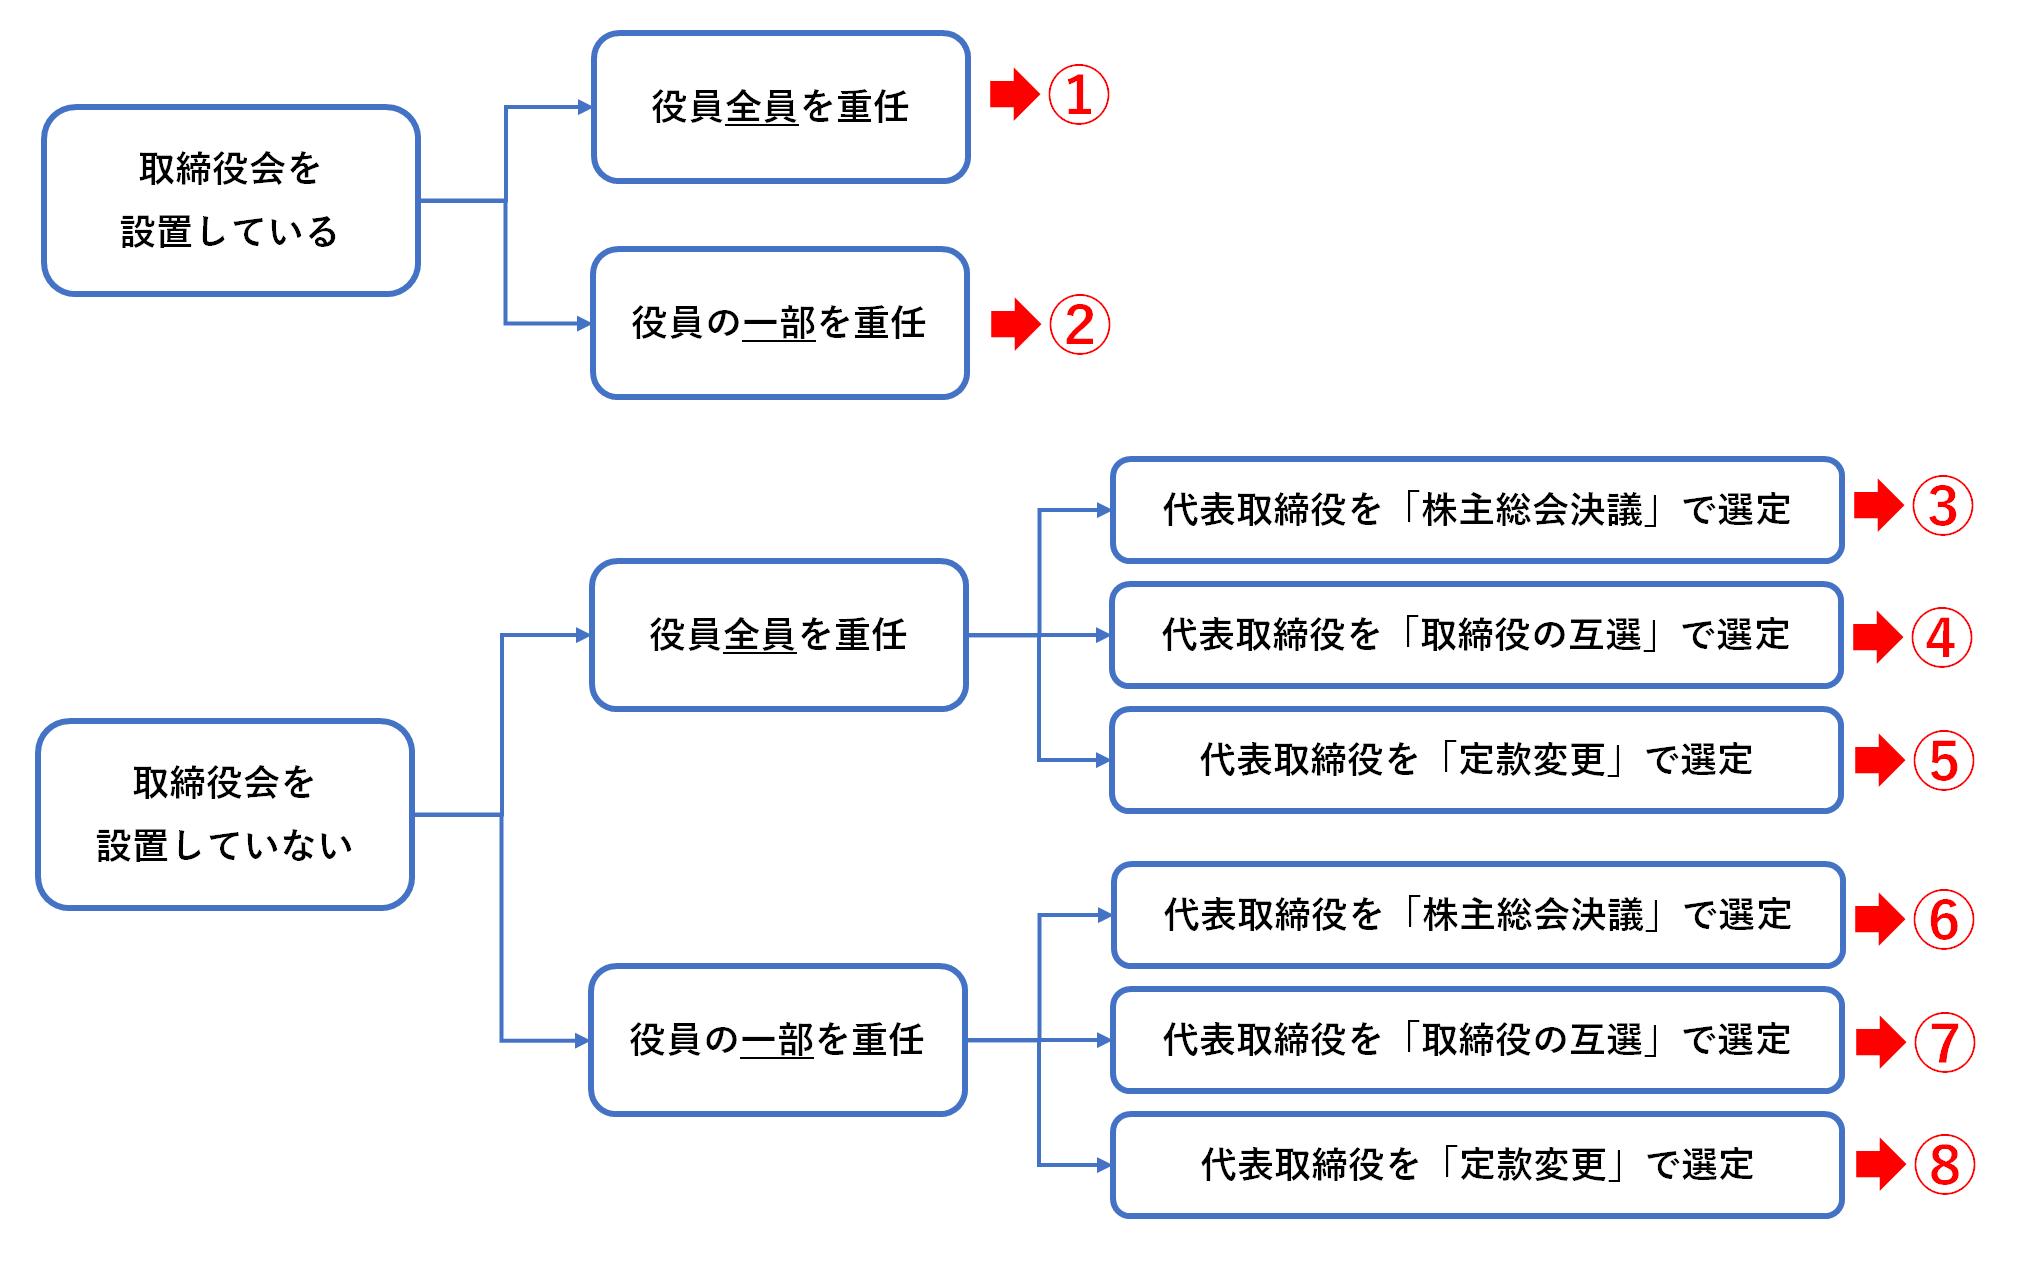 役員重任登記の8つのパターン